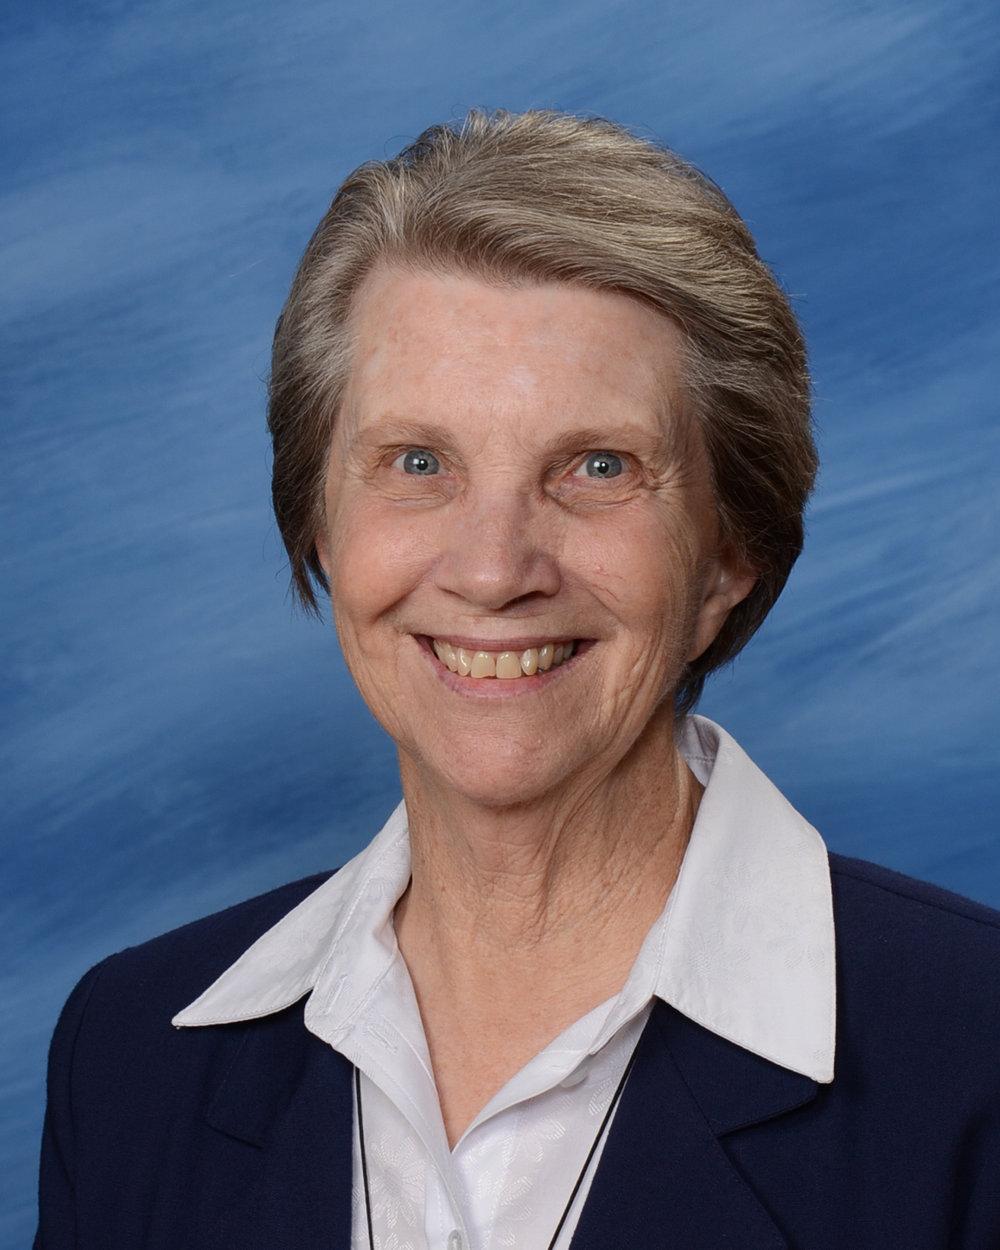 Stanton Ssmn Sr. Rosemary.JPG